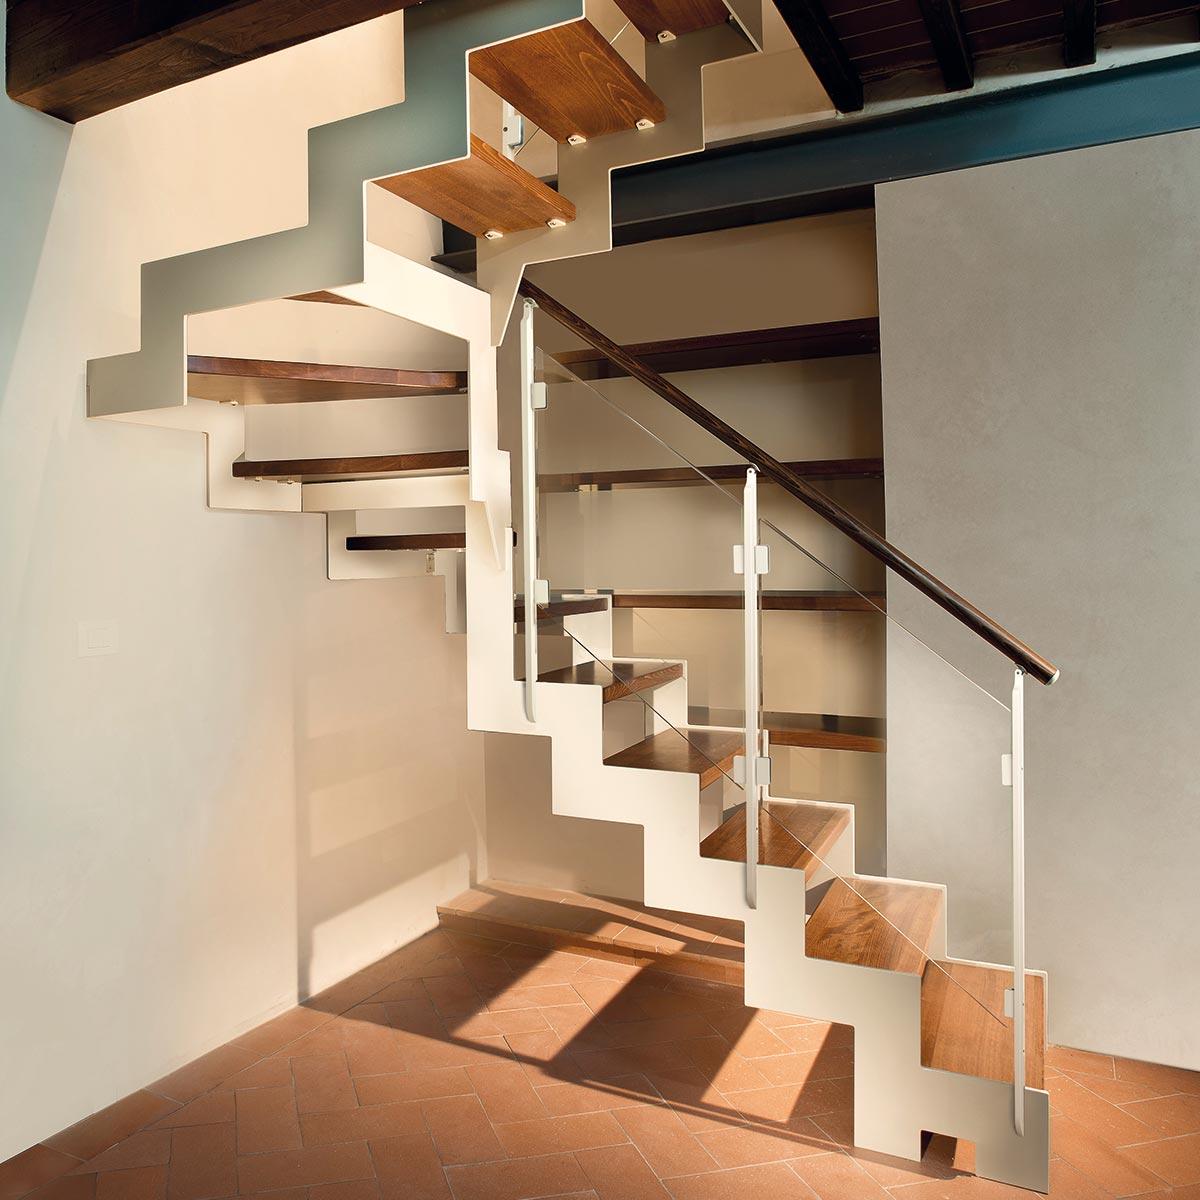 scale fai da te Marretti scalini in legno massello di rovere, ringhiera e corrimano in acciaio inox